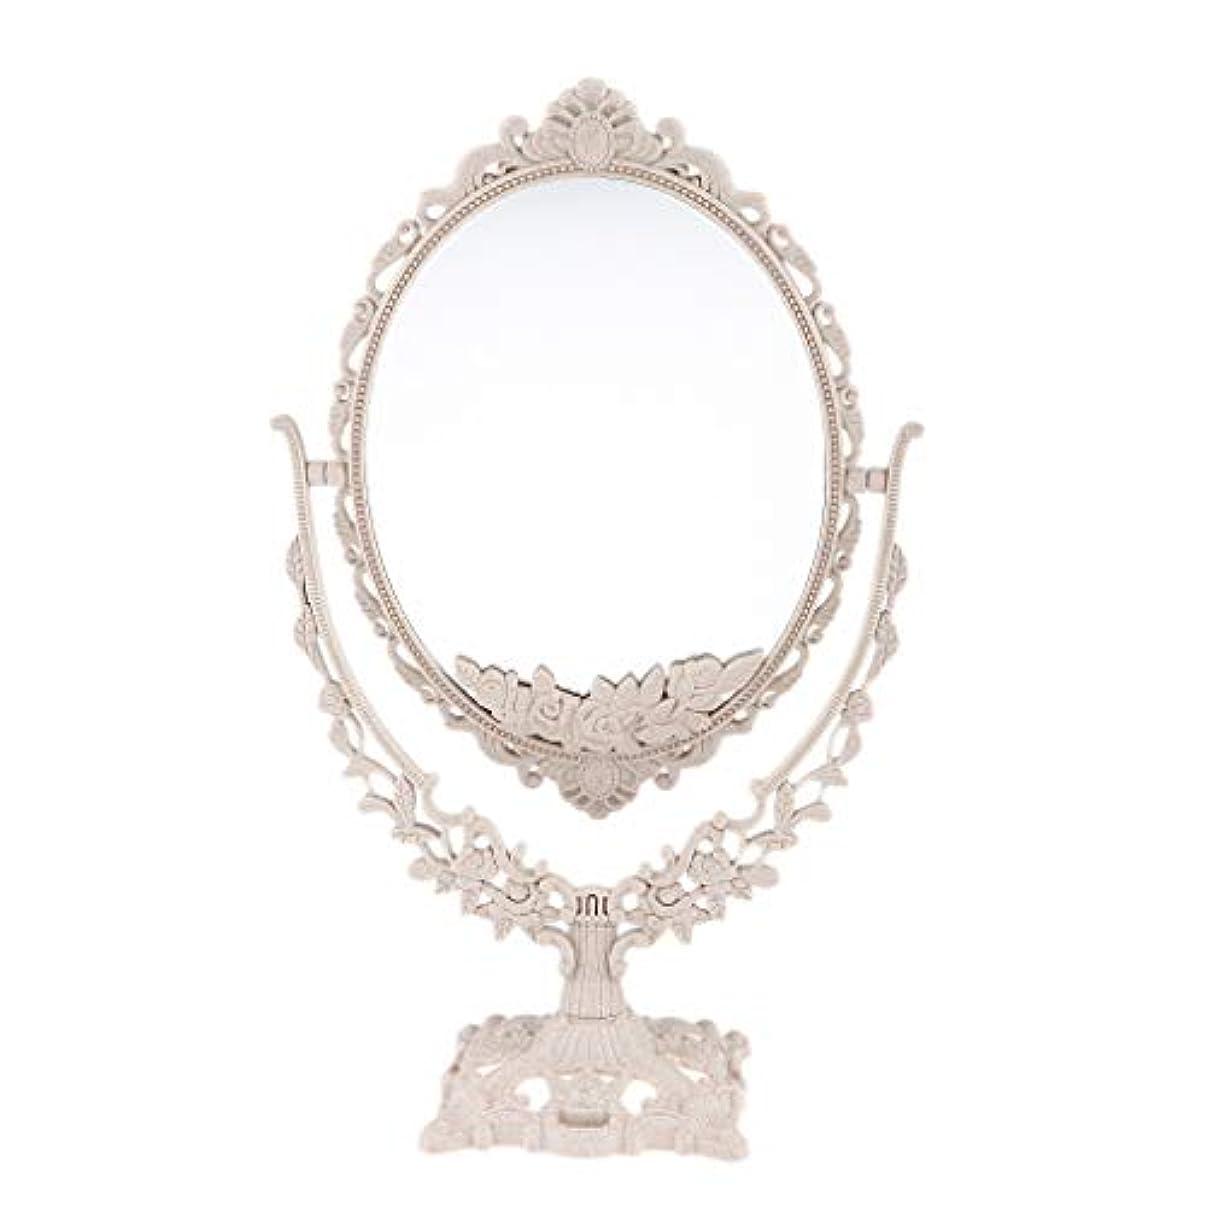 空中維持するクローゼットPerfeclan ミラー 鏡 メイクアップミラー 化粧鏡 スタンドミラー 両面鏡 卓上鏡 360度回転 彫刻 パターン - 楕円形